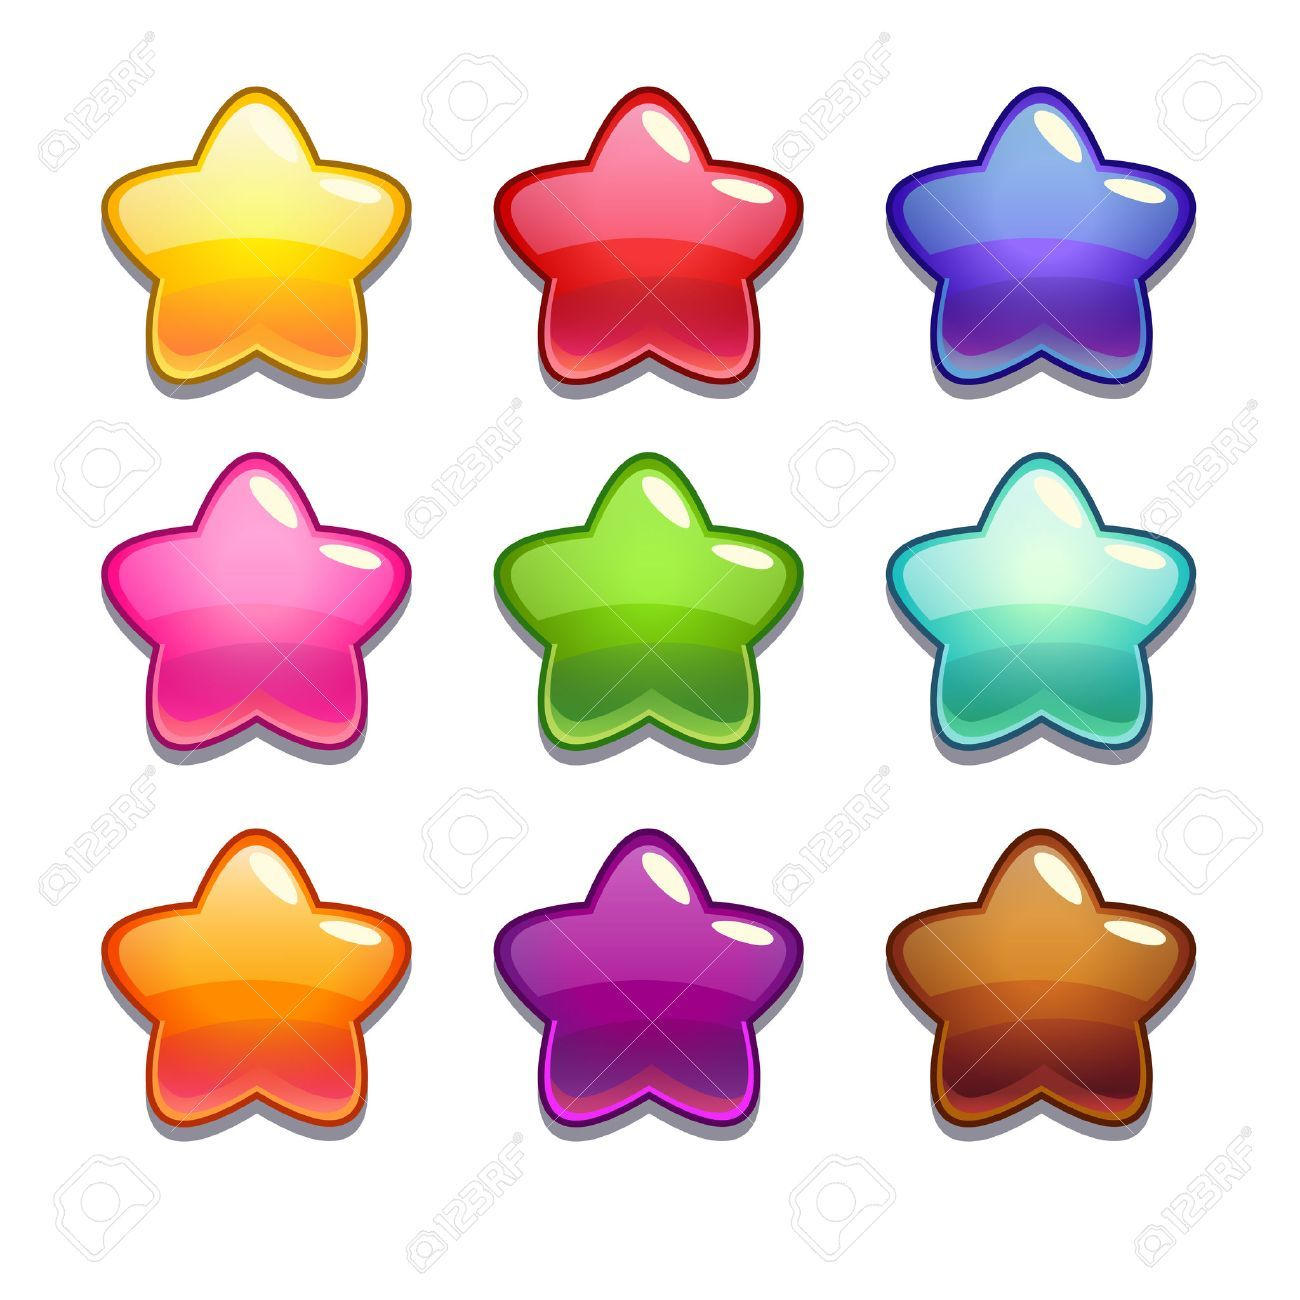 Cute Estrellas Jalea De Dibujos Animados En Diferentes Colores Aislados Vector Estrellas Para Imprimir Dibujos Para Ninos Ojos De Dibujos Animados